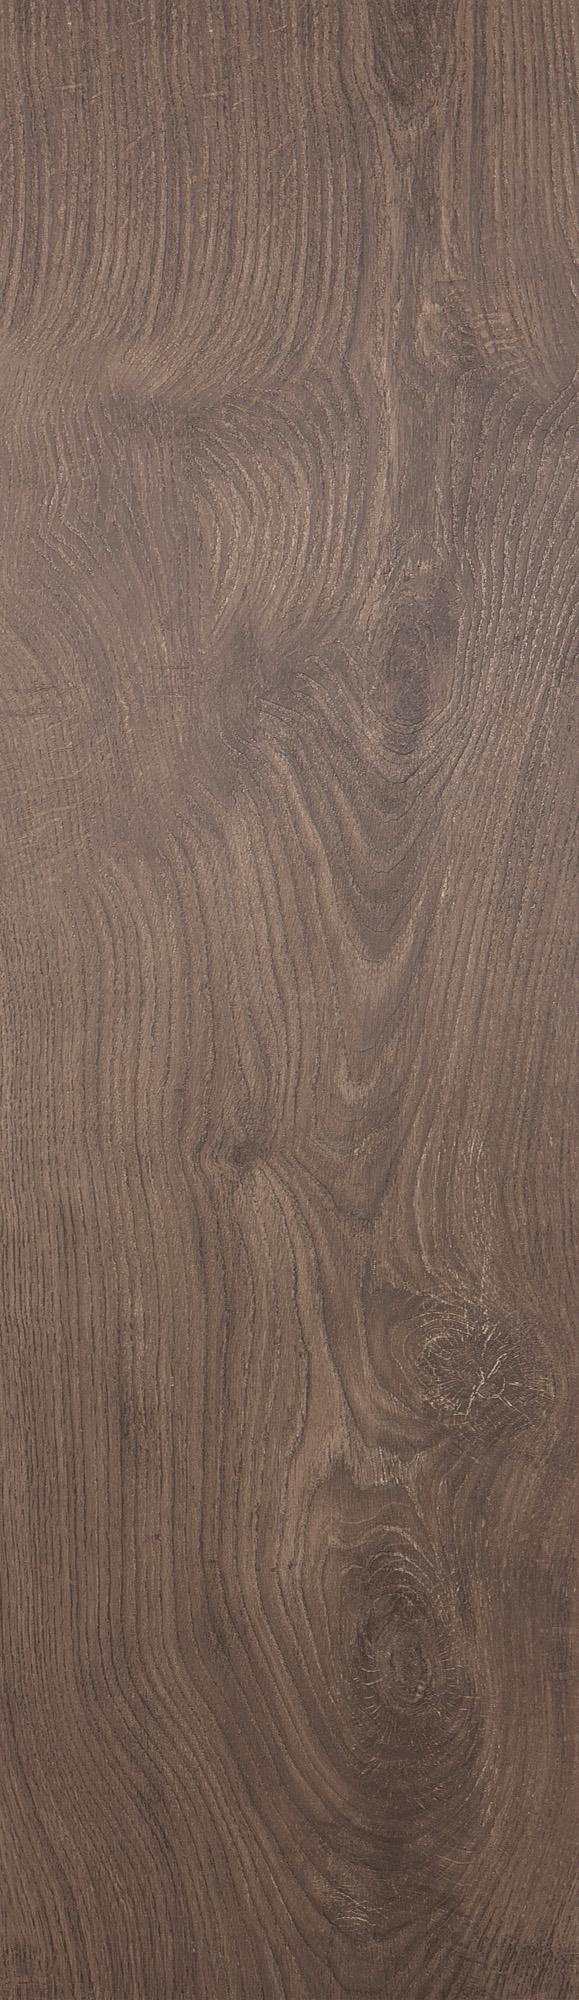 Plinthe - Chêne pédonculé sépia